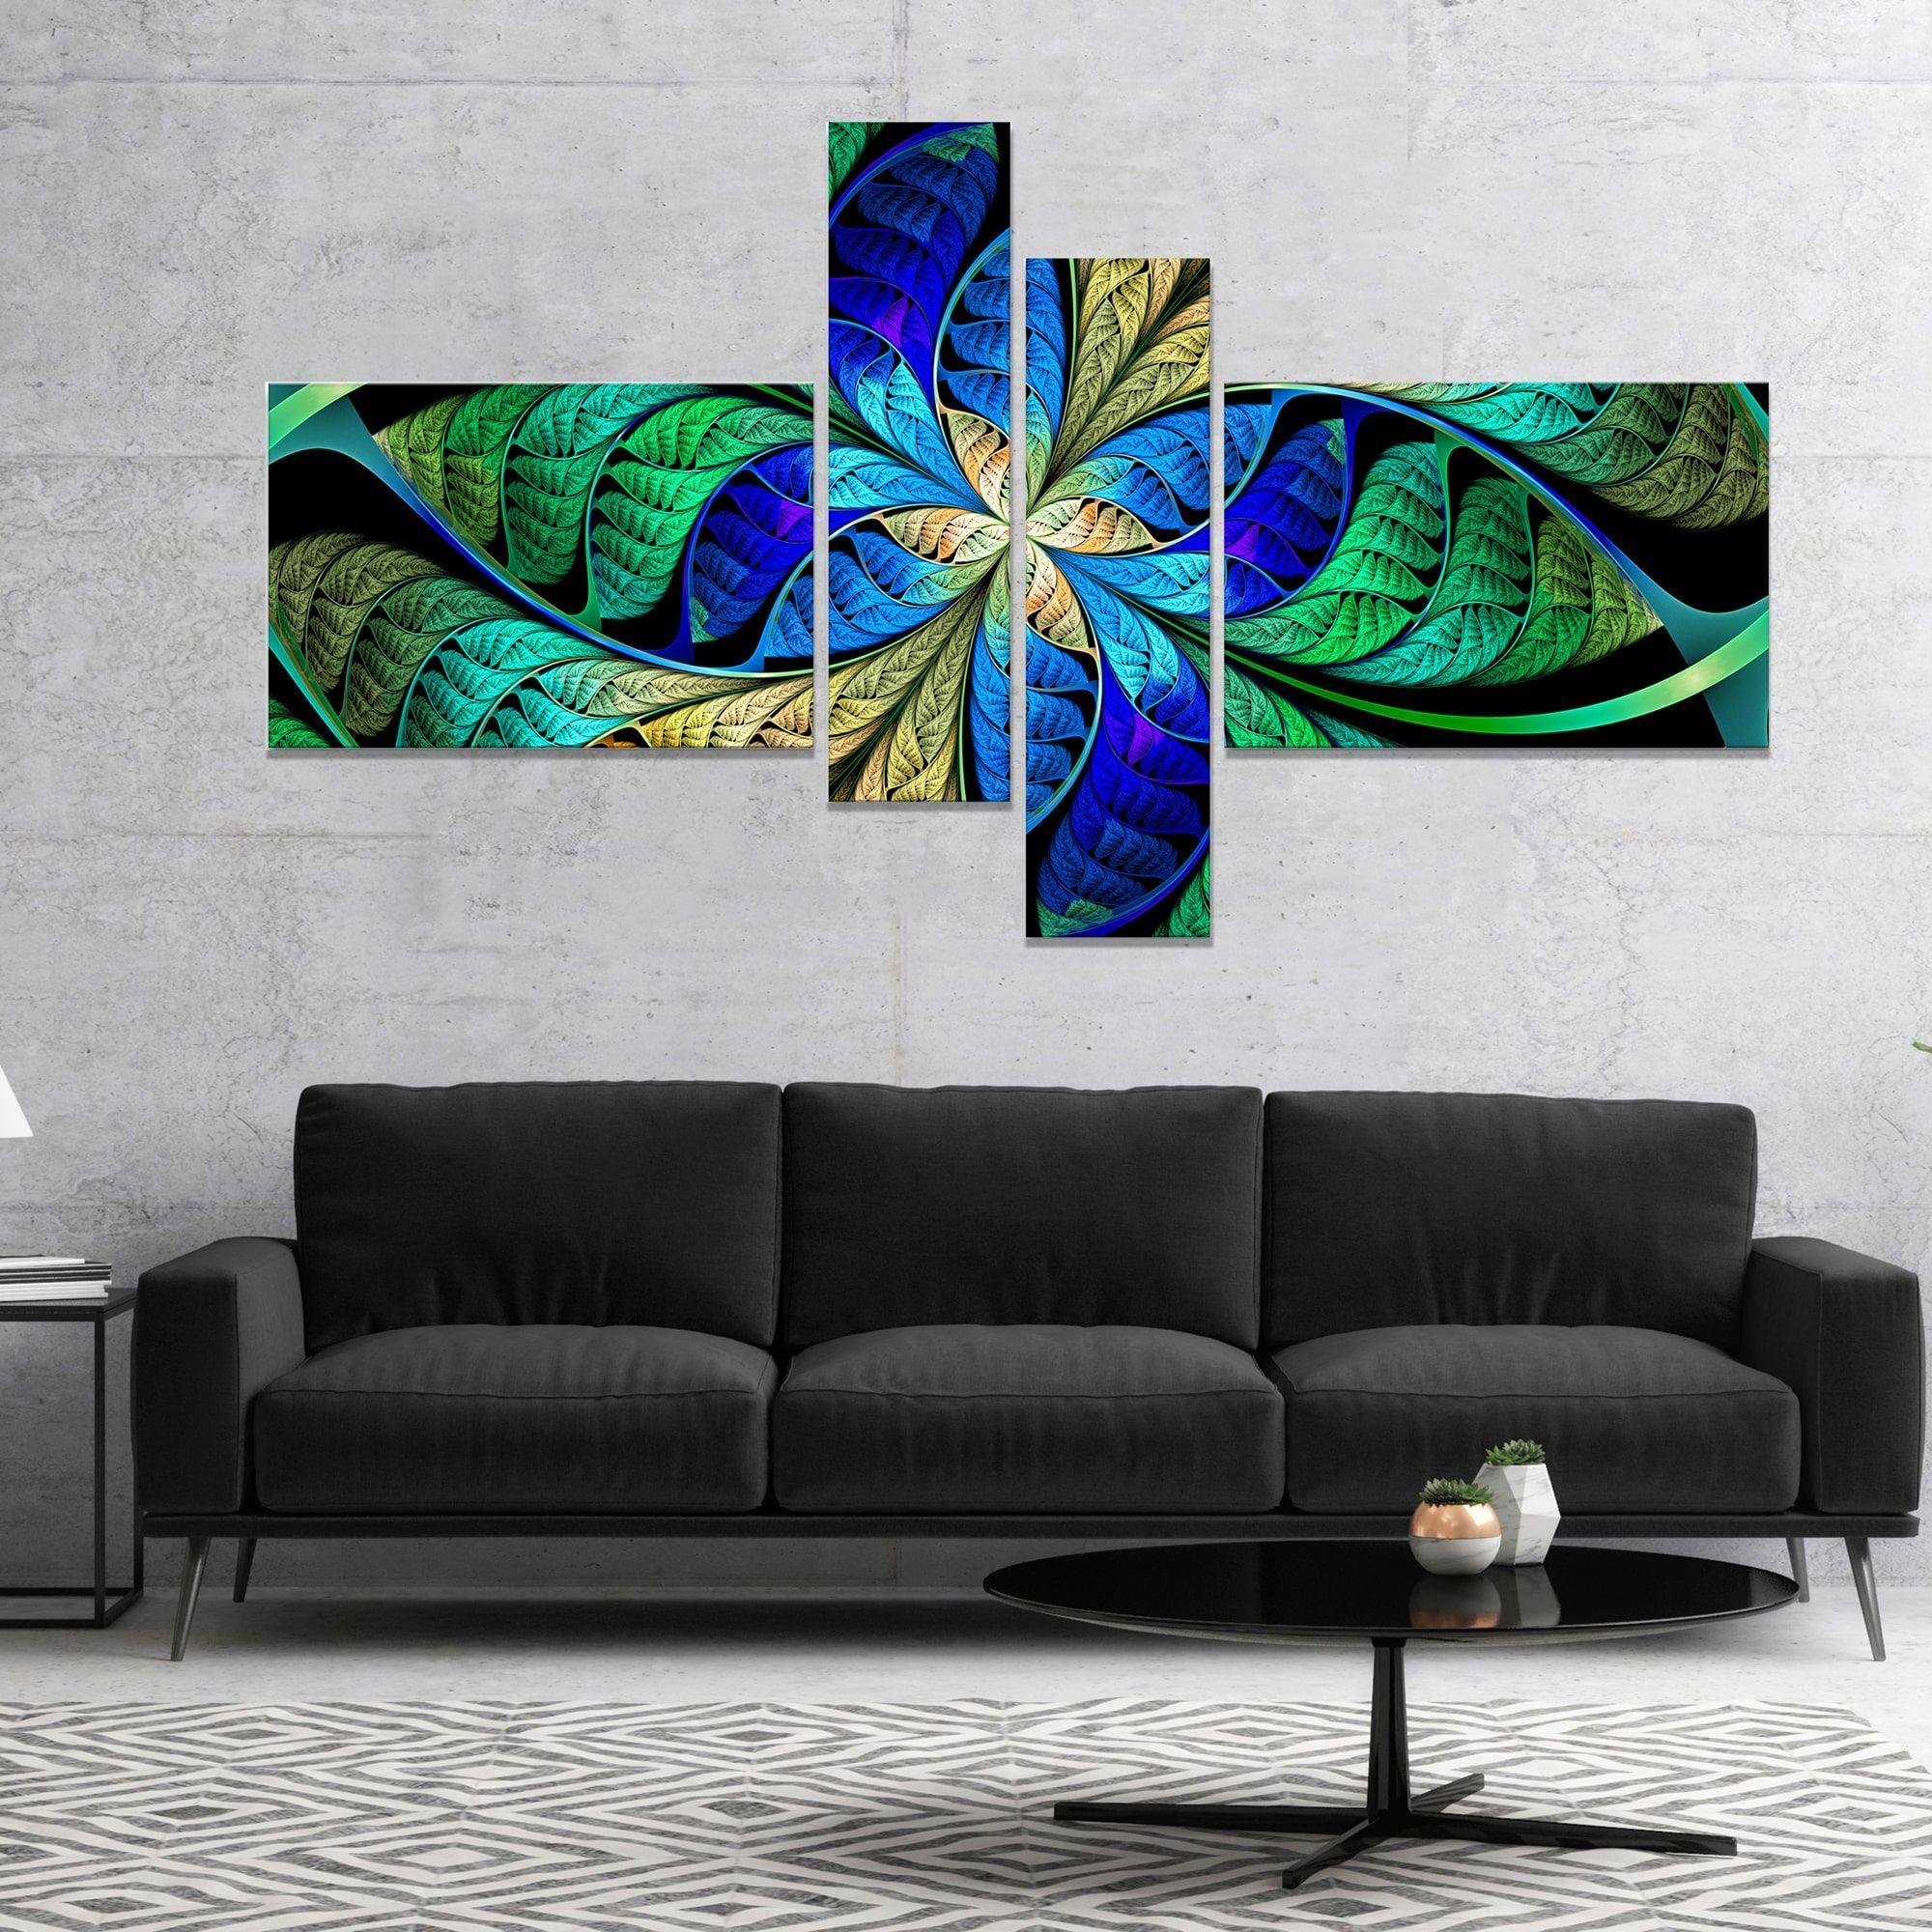 Designart ublue fractal flower petalsu abstract canvas art print